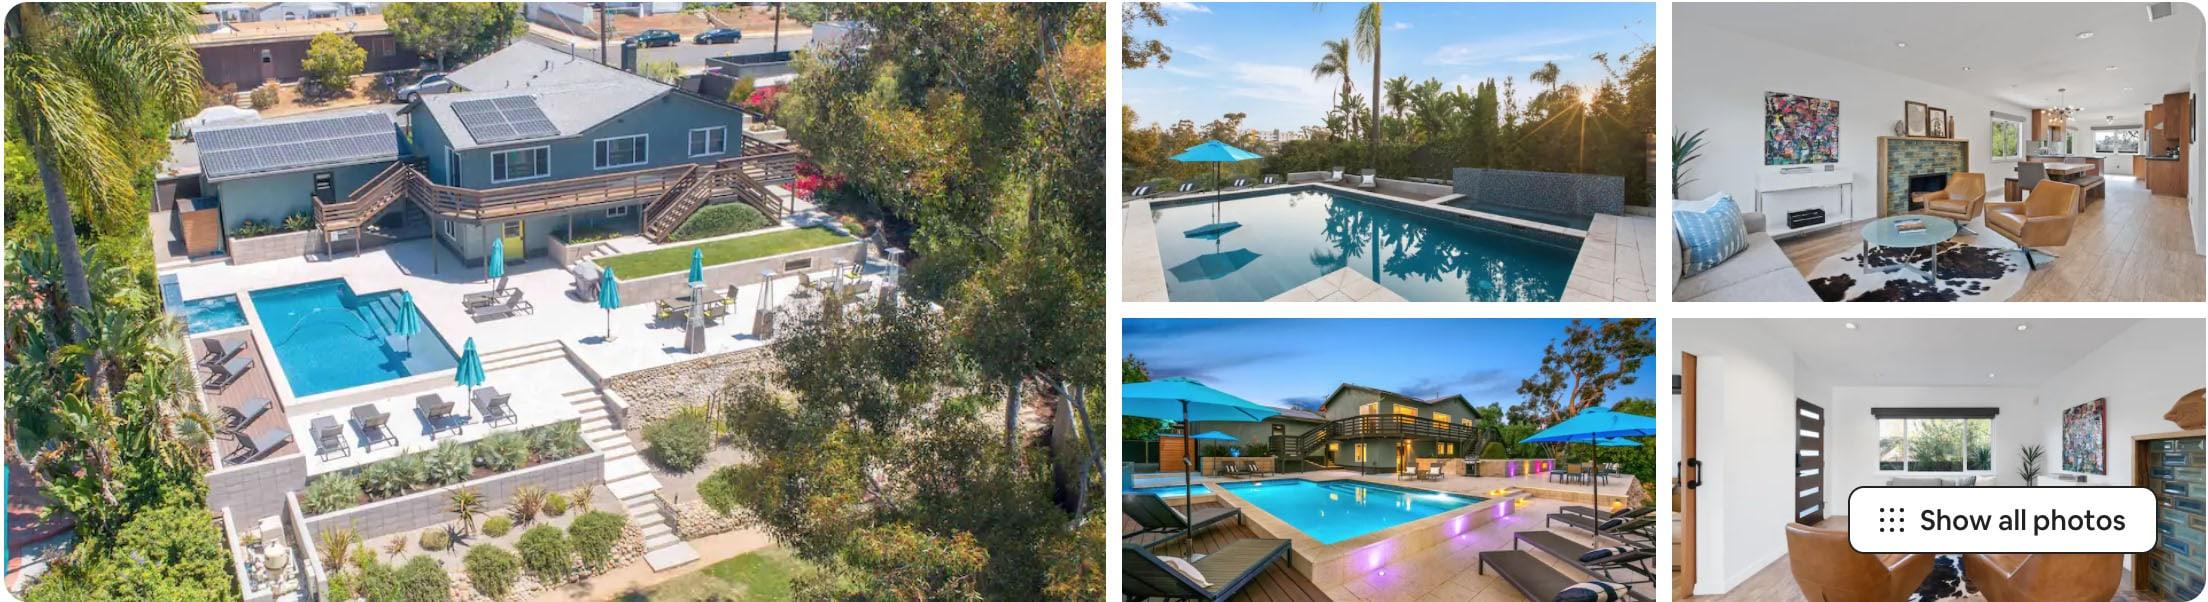 san diego resort airbnb - airbnb wedding venues in SoCal